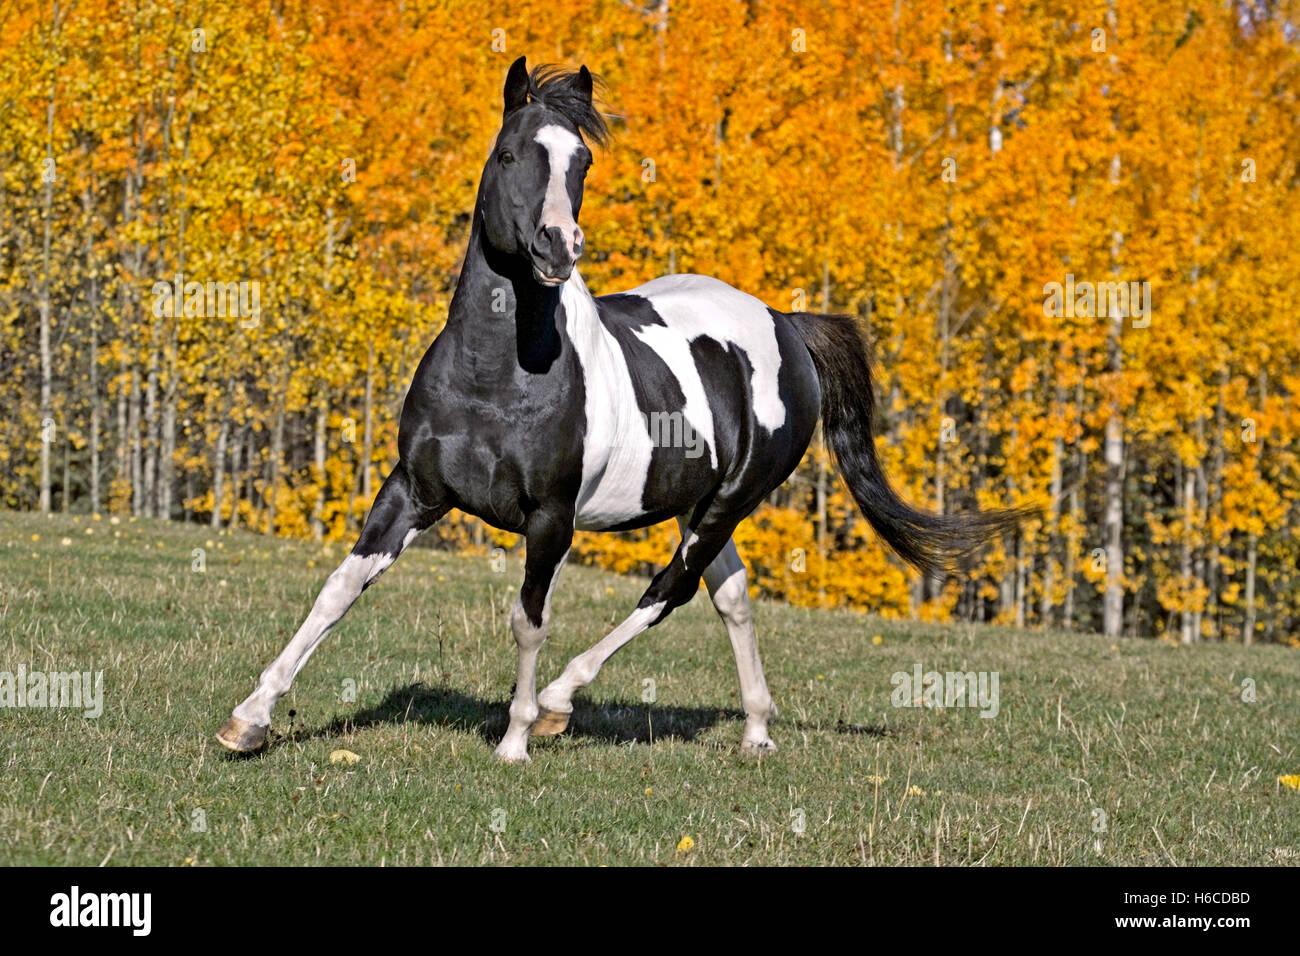 Tobiano Pinto Stallion trote en prado al frente de árboles de Aspen en colores de otoño Imagen De Stock